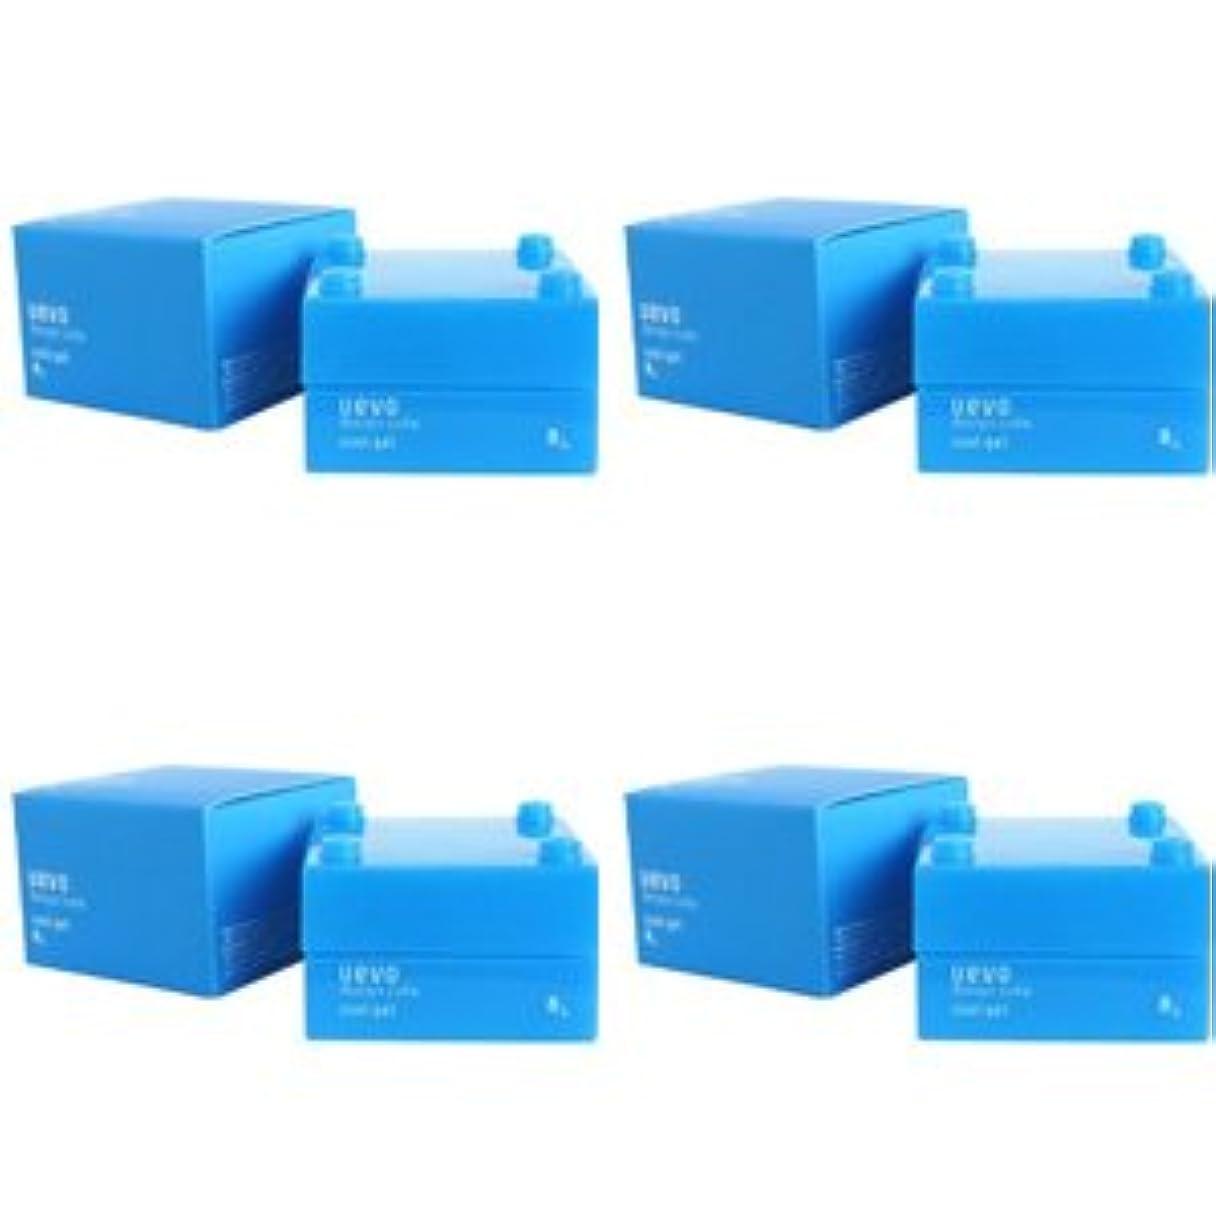 安全性ビュッフェ米ドル【X4個セット】 デミ ウェーボ デザインキューブ クールジェル 30g cool gel DEMI uevo design cube